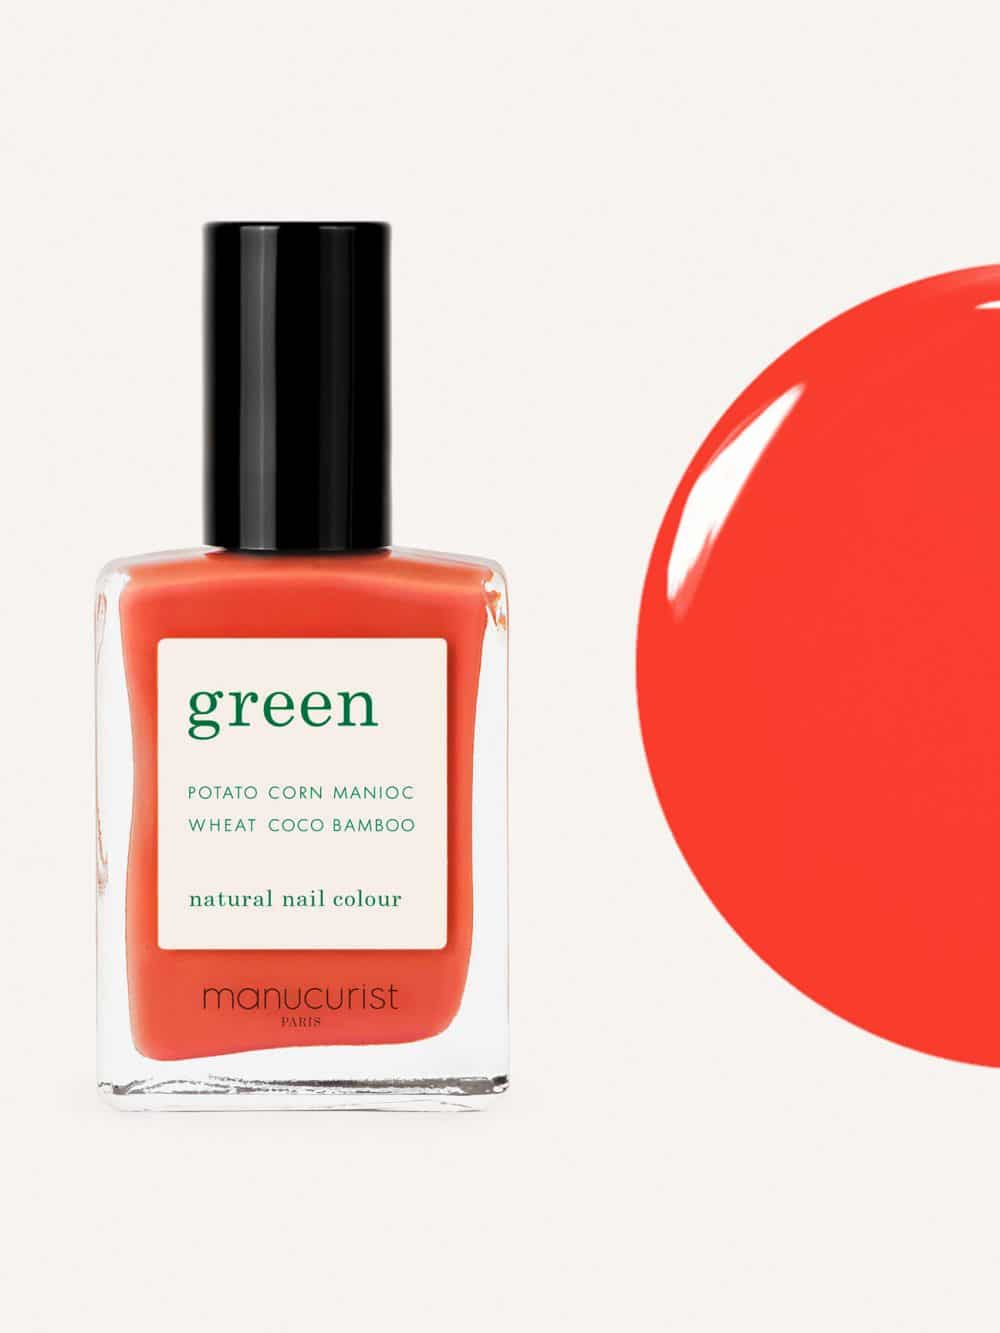 vernis à ongles bio green de la marque Manucurist made in france de couleur corail coral reef